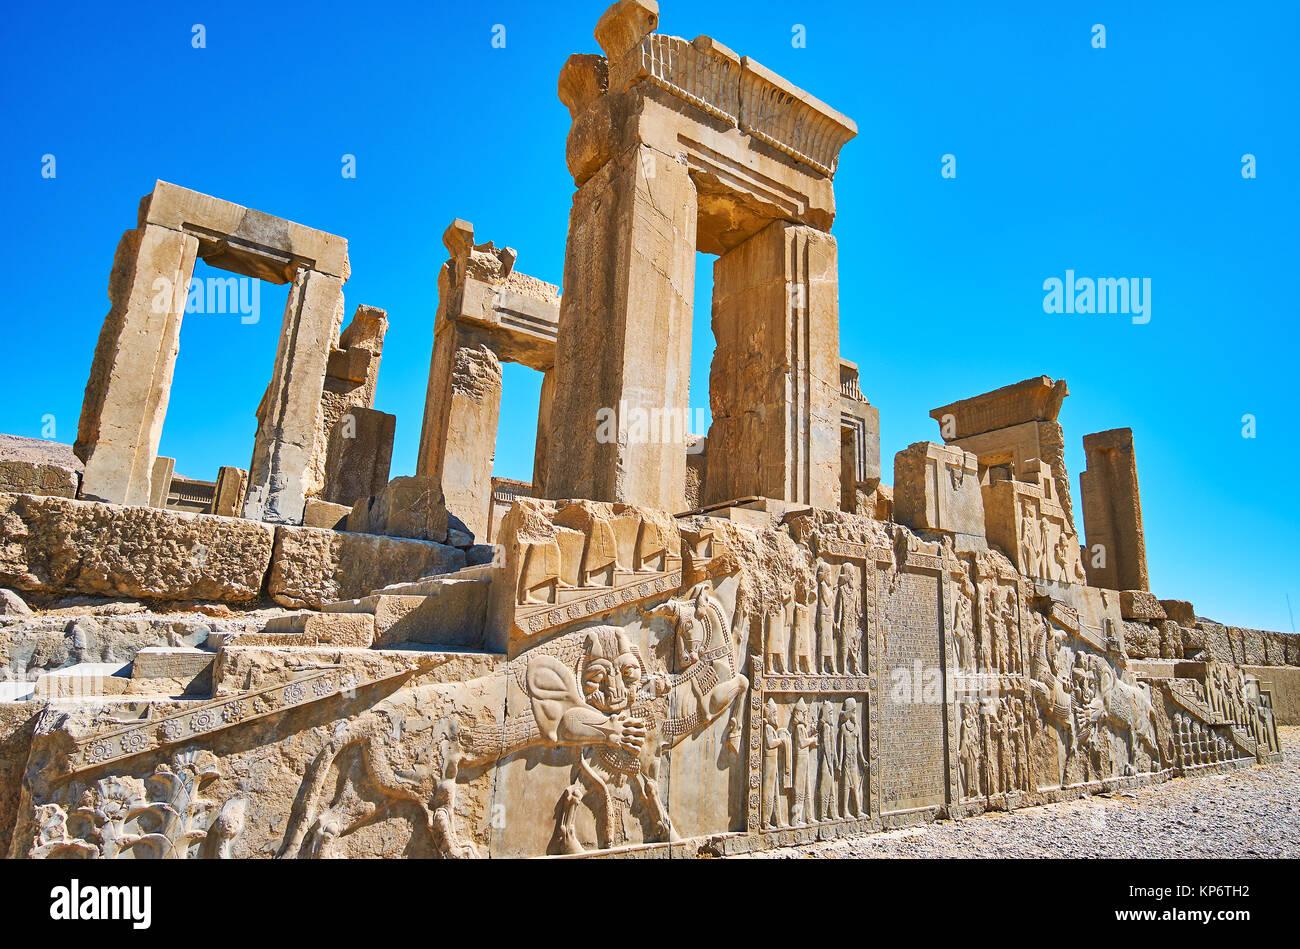 Persepolis archäologische Stätte erhaltenen Reliefs mit der Darstellung der klassischen Szenen, wie zum Stockbild